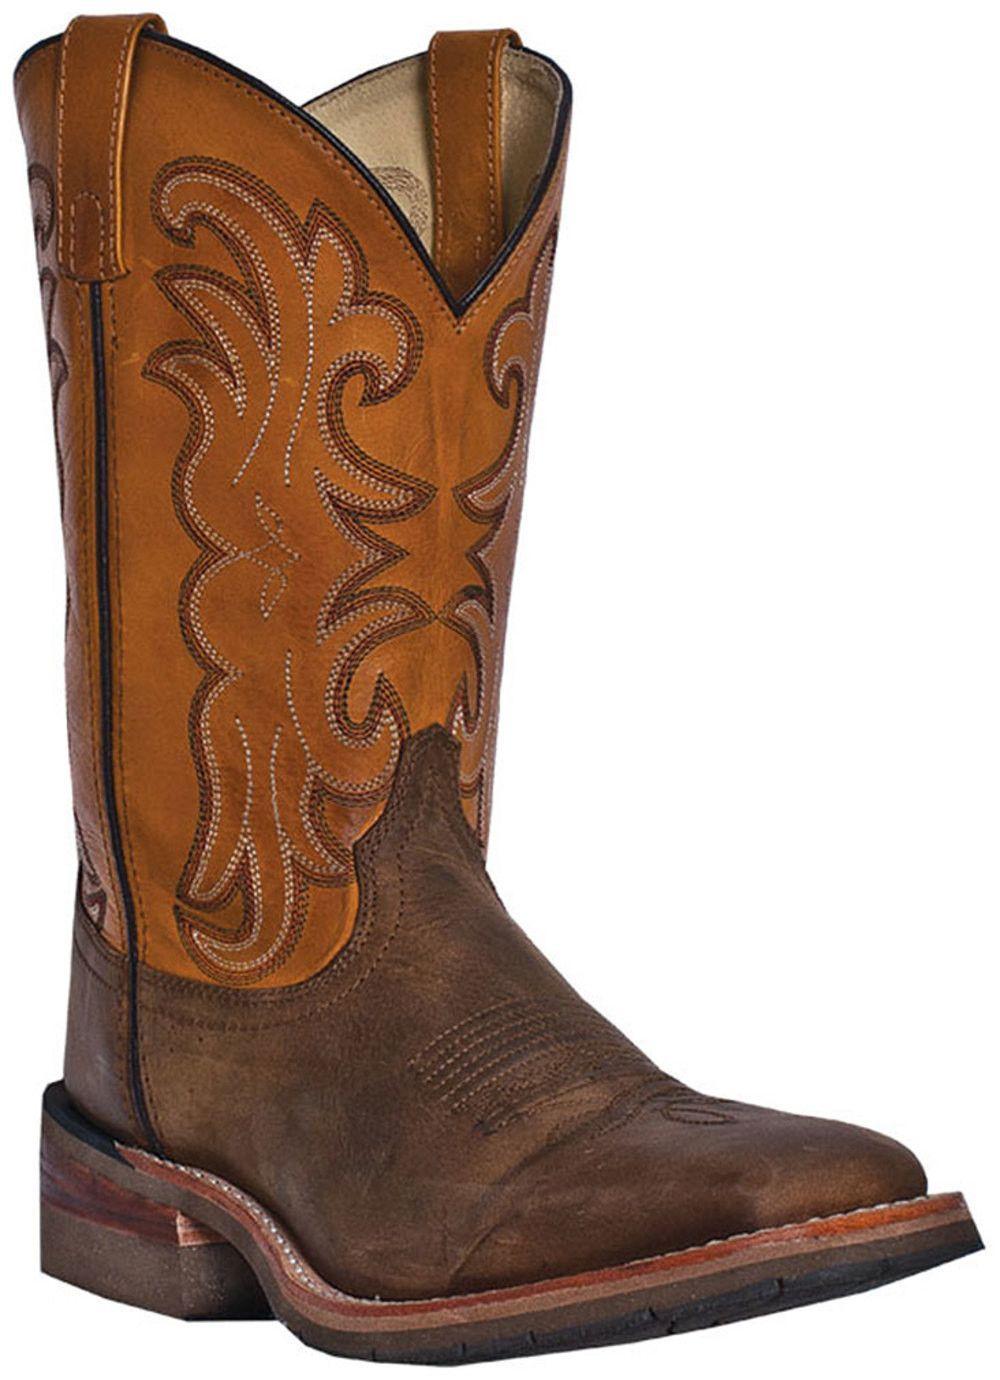 Ferrier Western Boots